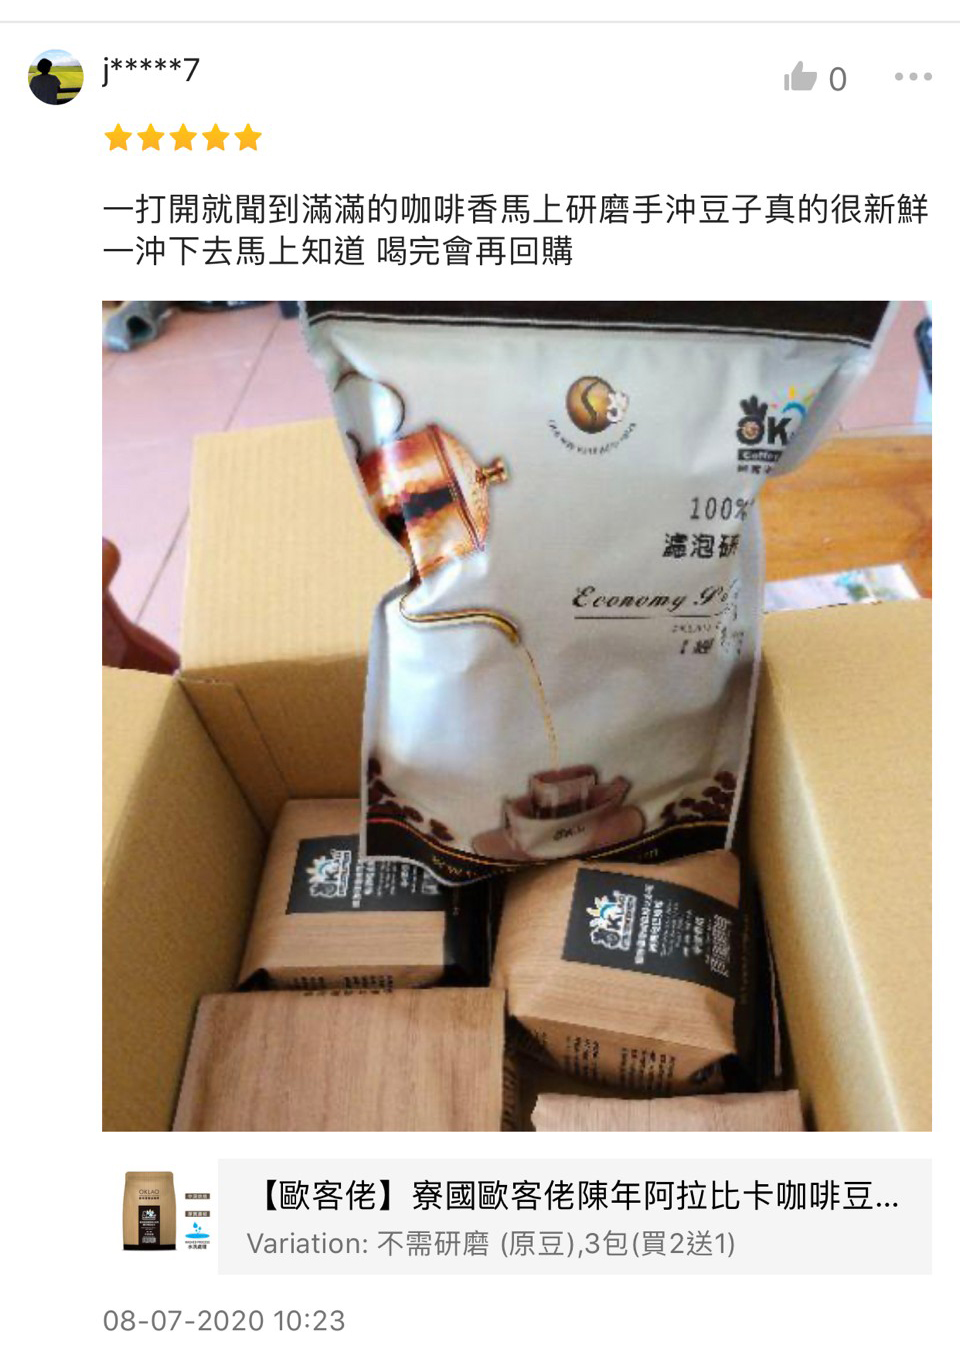 【歐客佬】寮國歐客佬陳年阿拉比卡咖啡豆 (半磅) 中深烘焙 (商品貨號:11010016) OKLAO 咖啡 一打開就聞到滿滿的咖啡香馬上研磨手沖豆子真的很新鮮一沖下去馬上知道 喝完會再回購